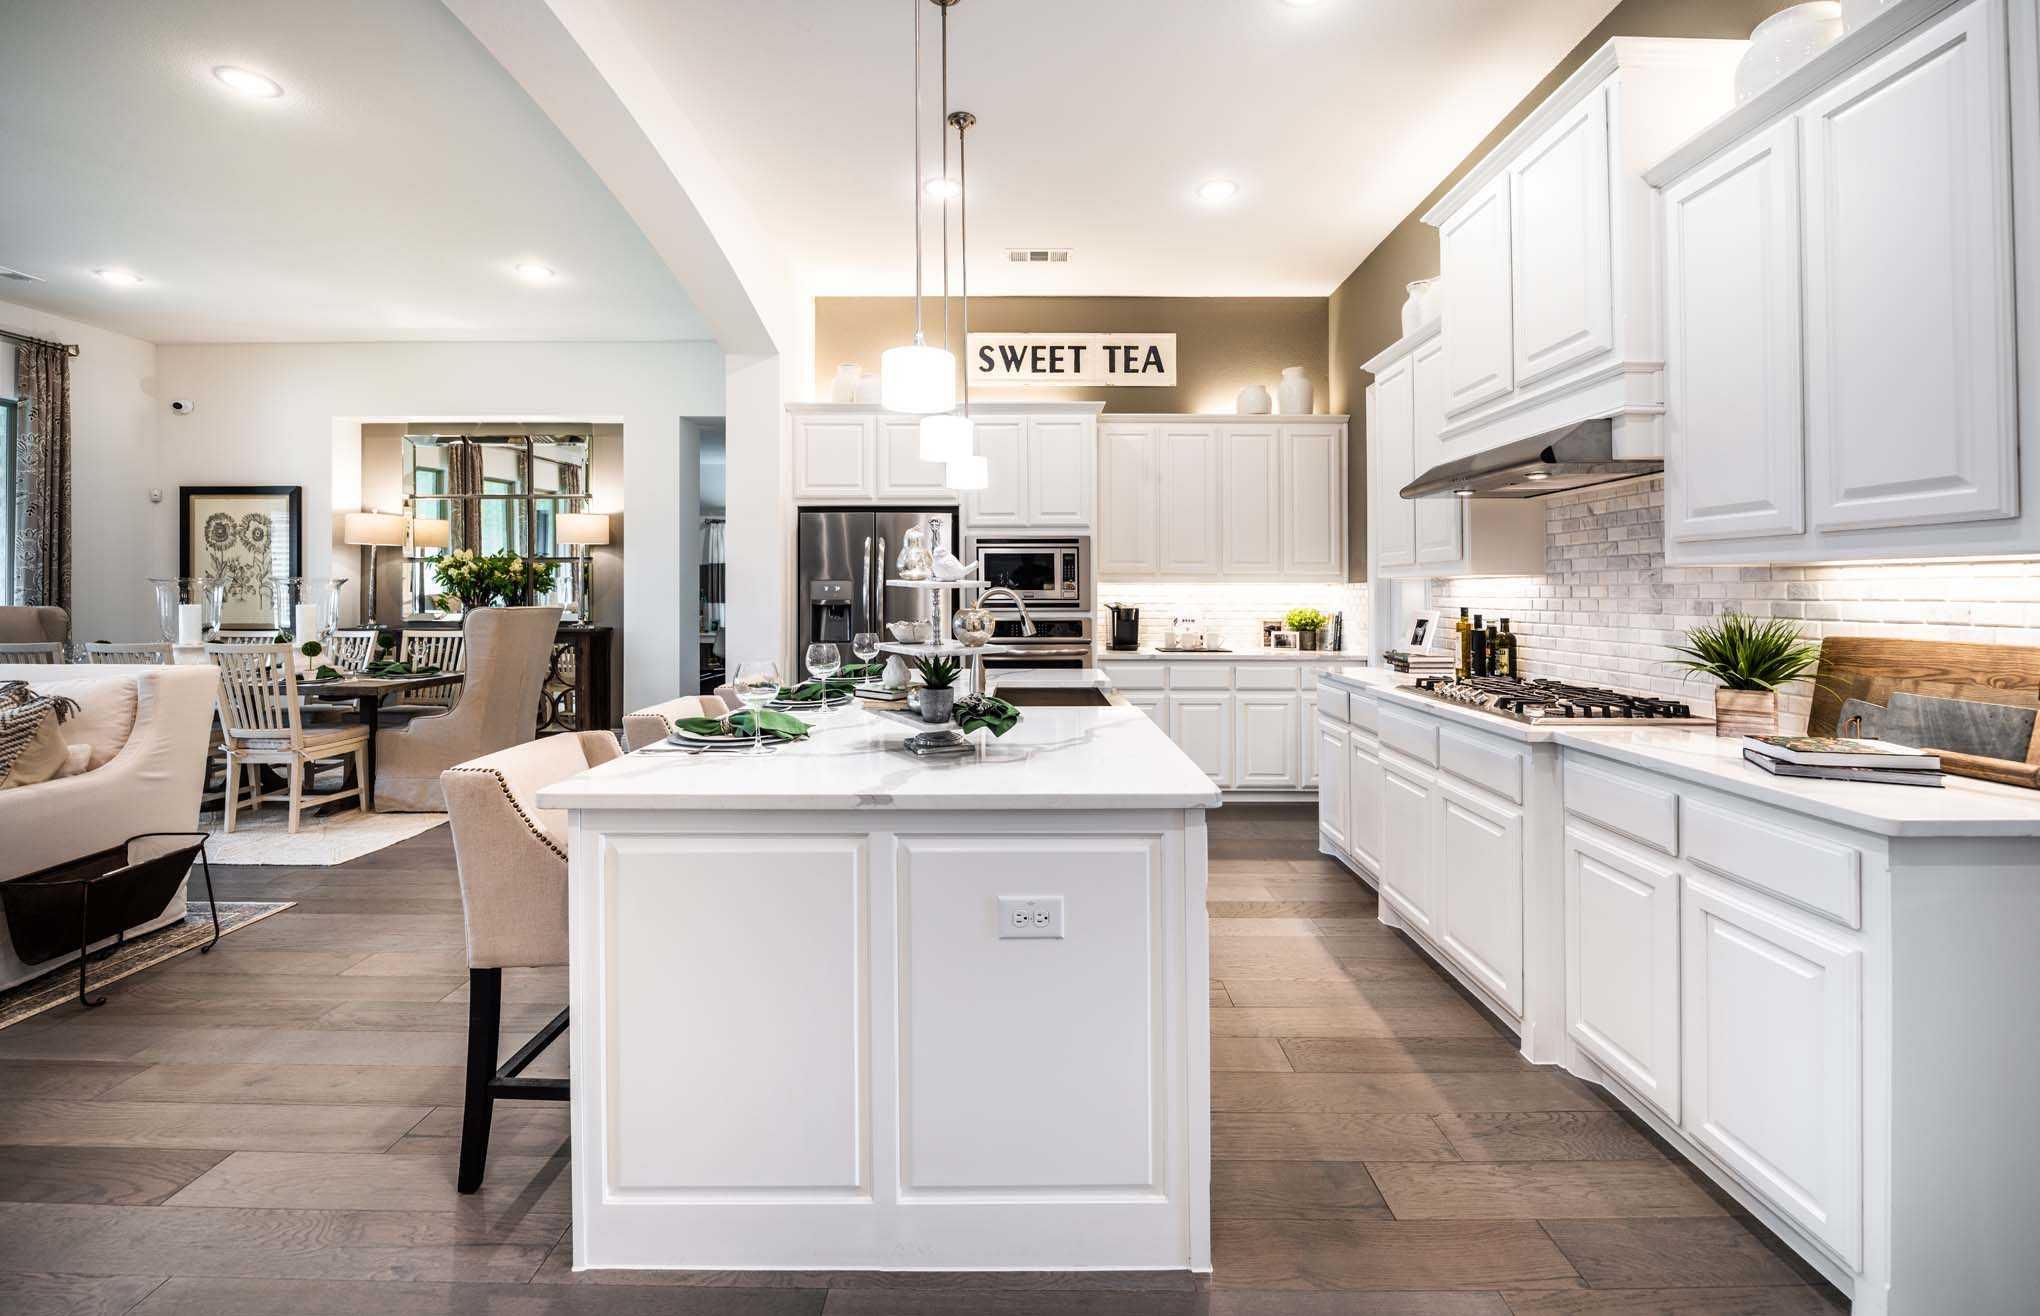 Kitchen-in-Plan 272-at-Hallie's Cove-in-Schertz